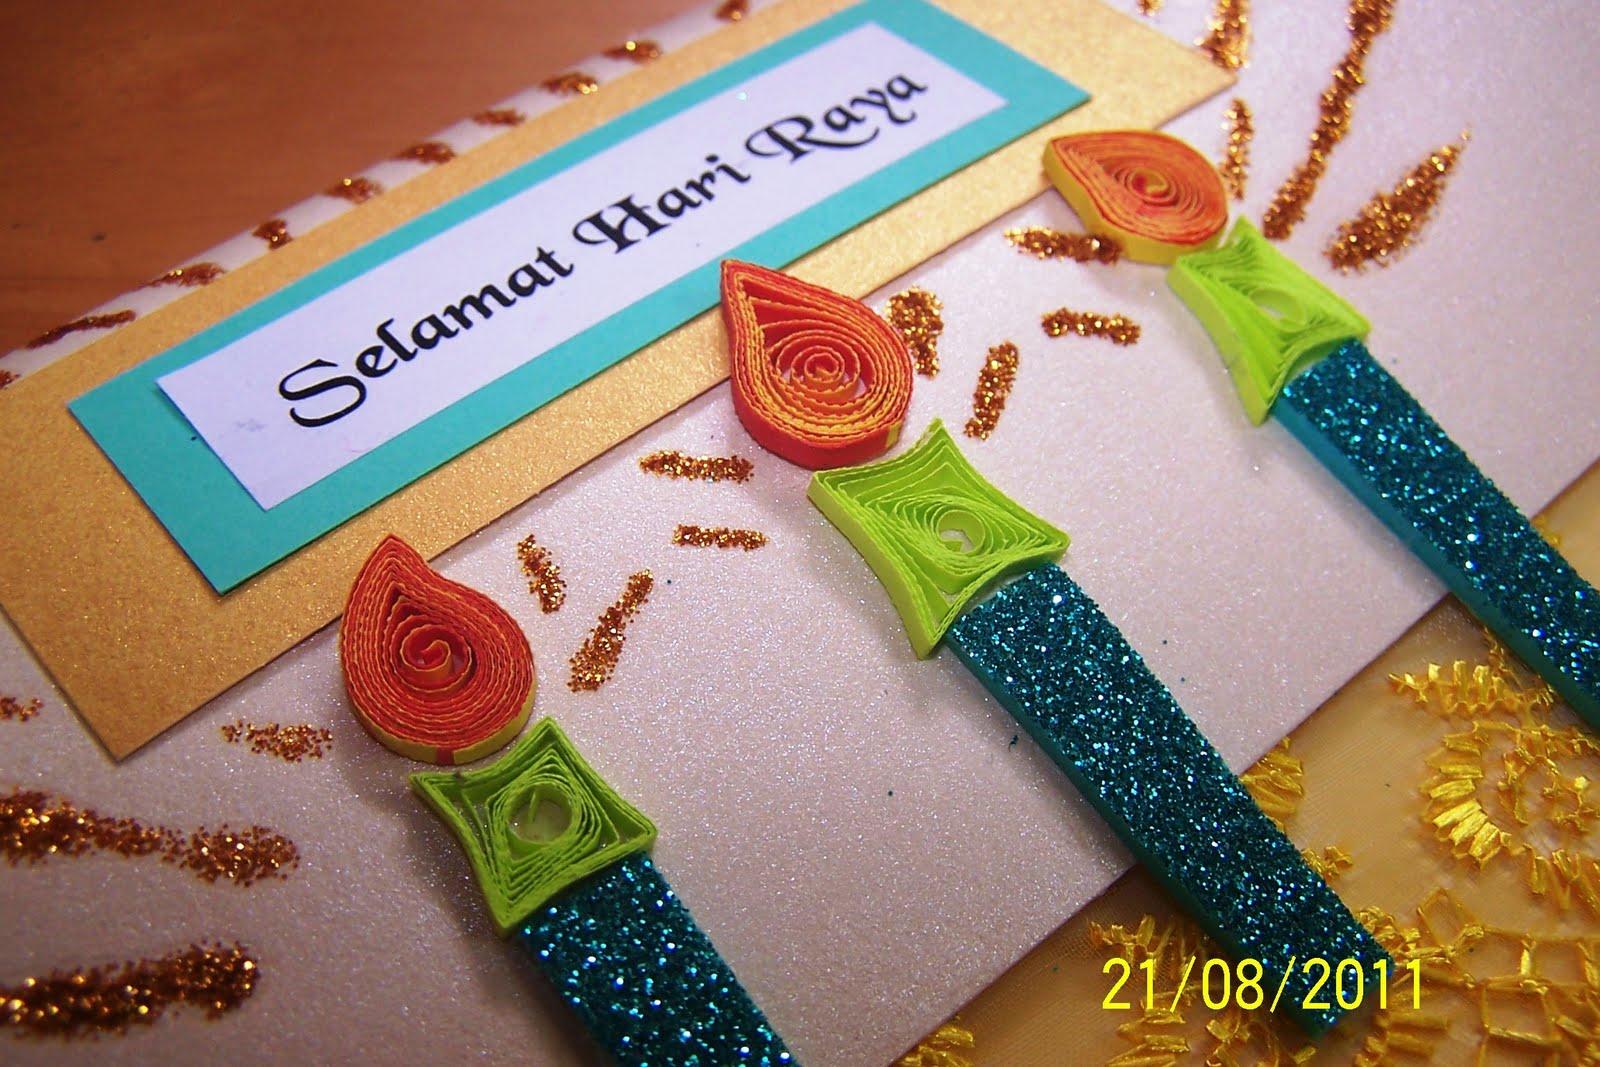 Elaine's Creative Cards: Hari Raya Cards - 3rd installment